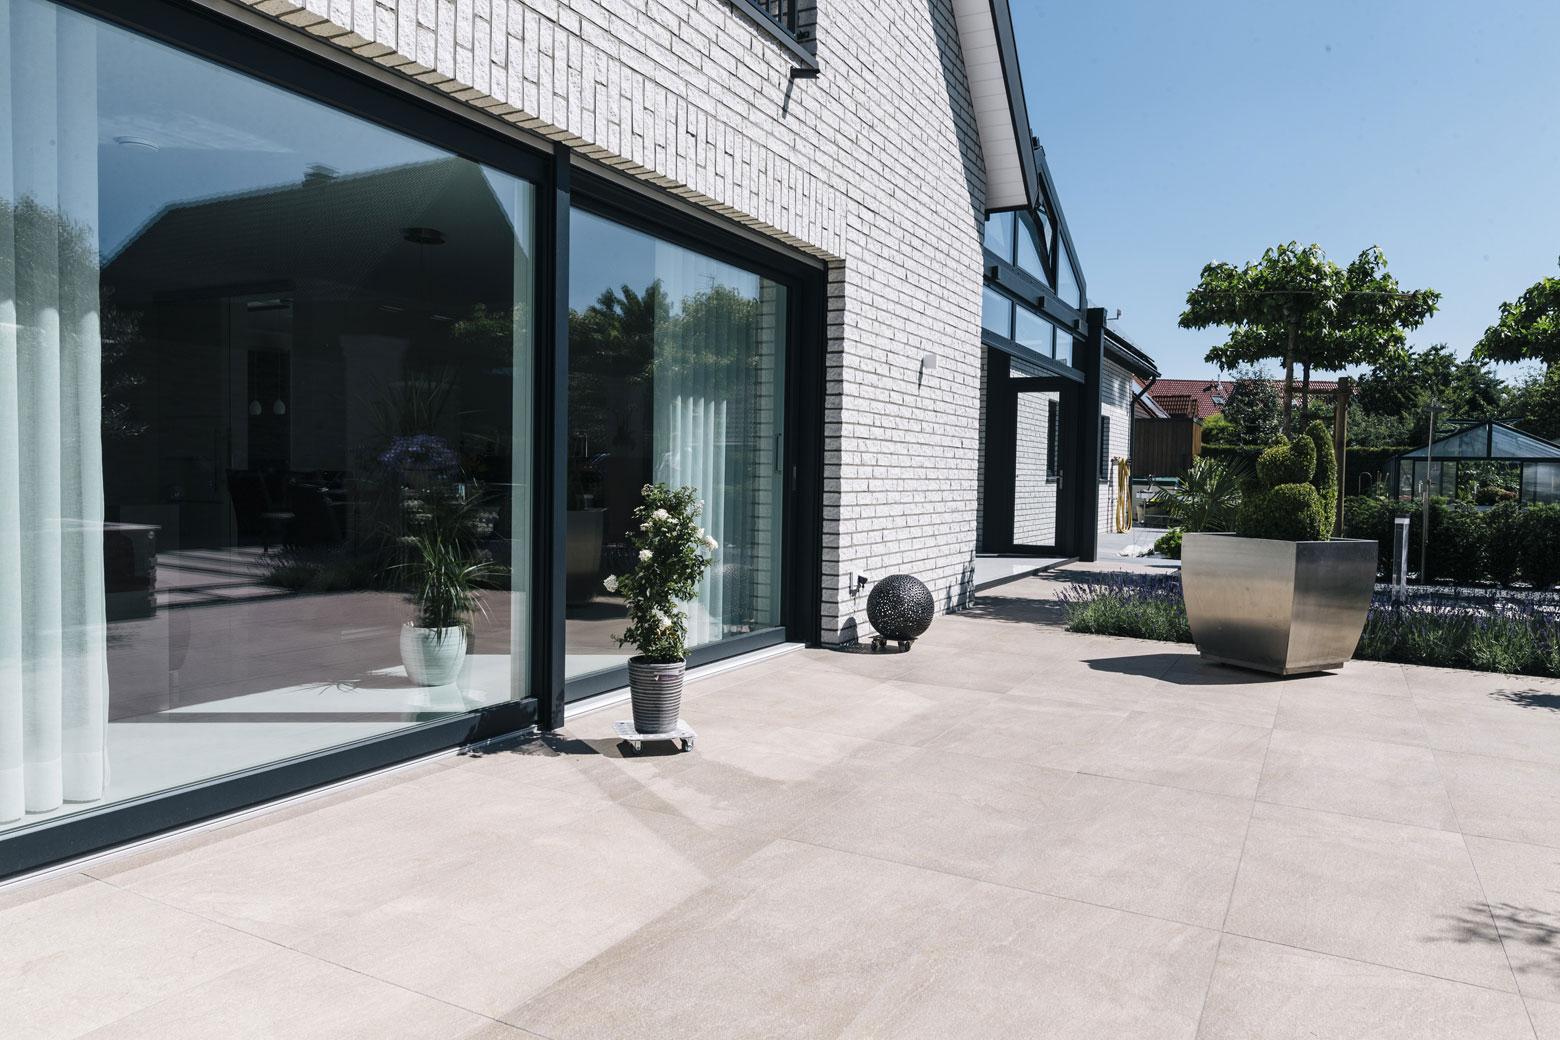 Terrasse mit Großformatplatten und breiter Fensterfront